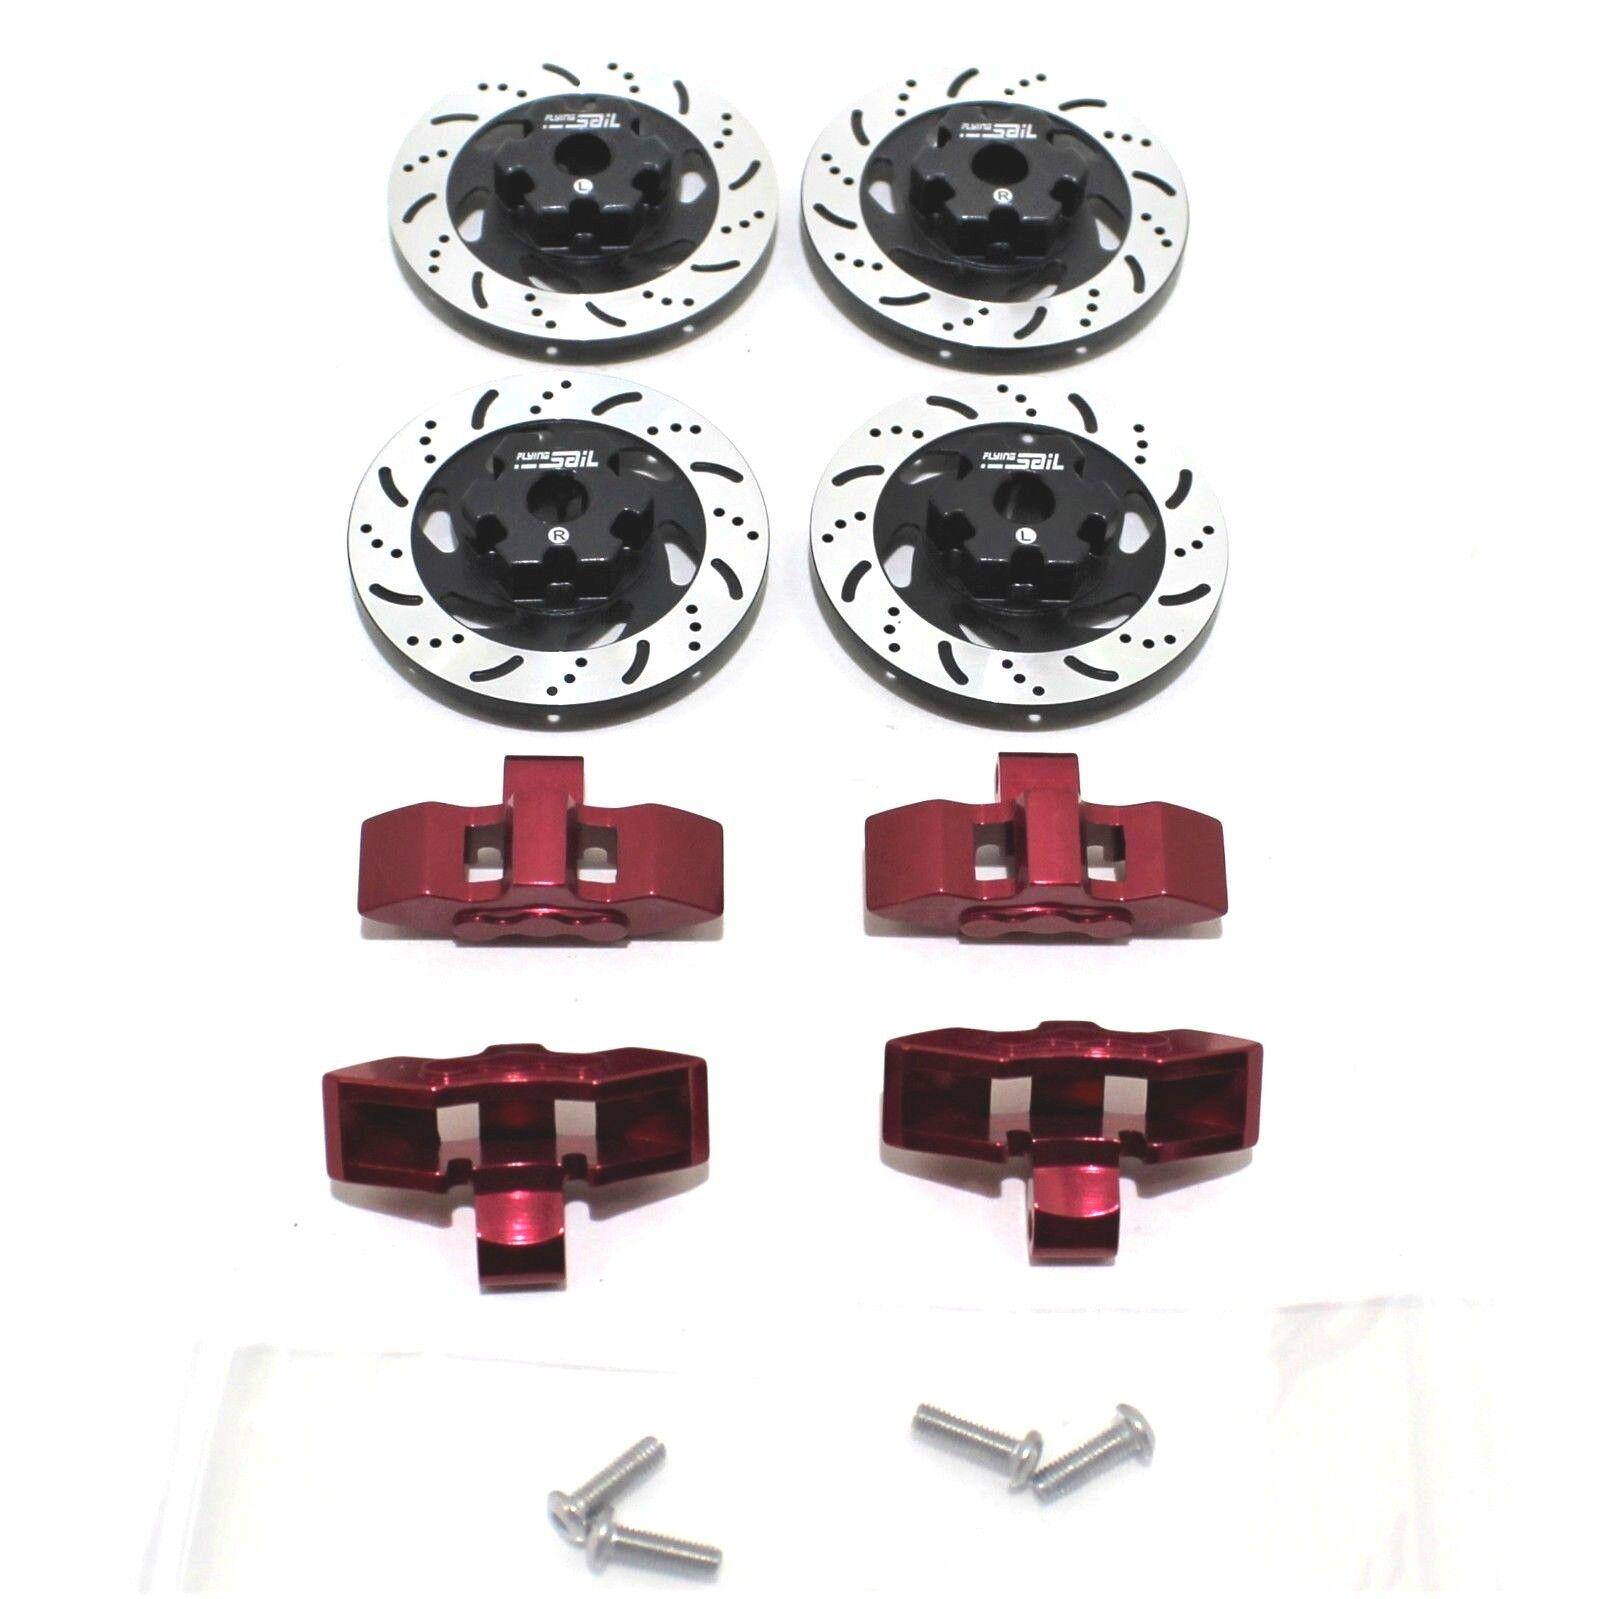 4 piezas de aluminio rojoores De Freno Rojo Pinzas Para Traxxas UDR Unlimited Desert Racer